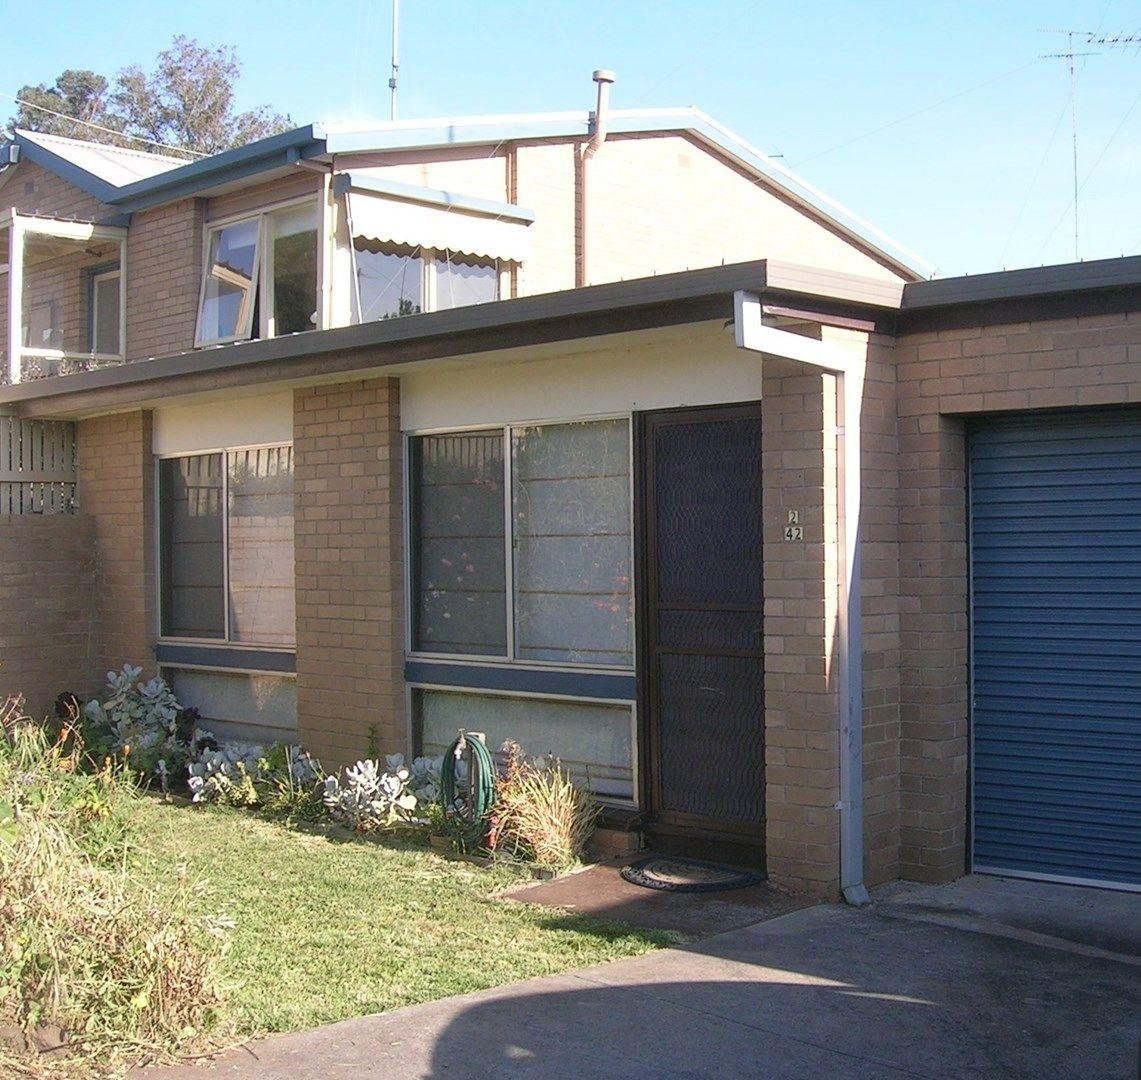 2/42 Sanglen Terrace, Belmont VIC 3216, Image 0